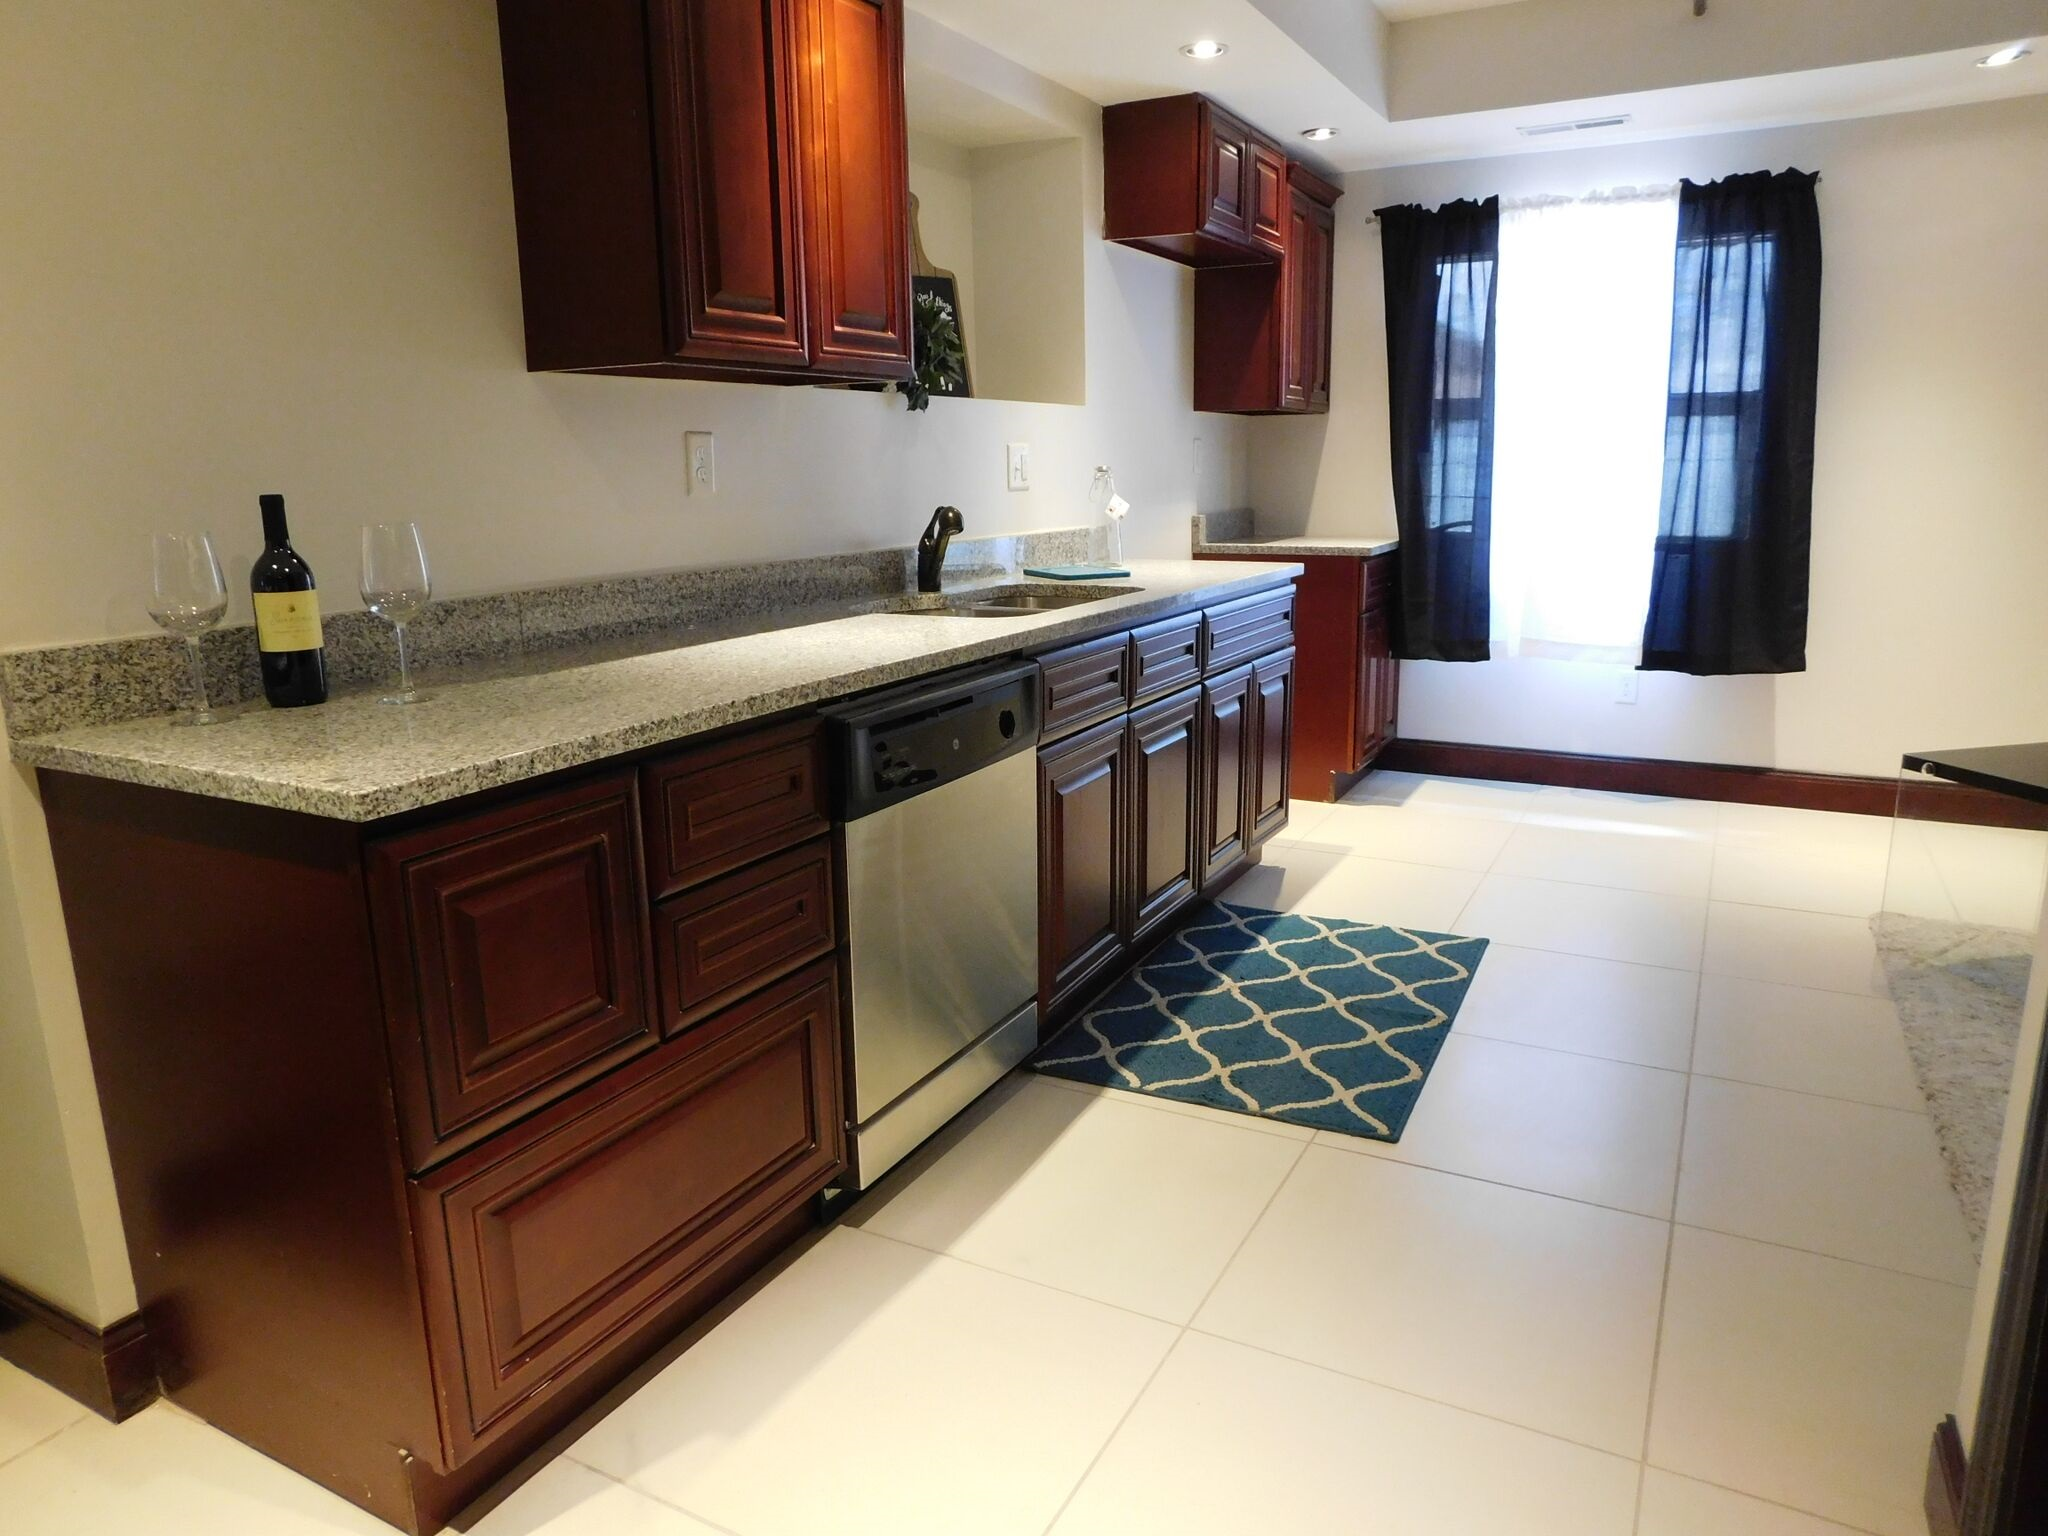 01 Unit - 1 Bed/1.5 Bath - 765 sq. ft. - $1,225/Mo